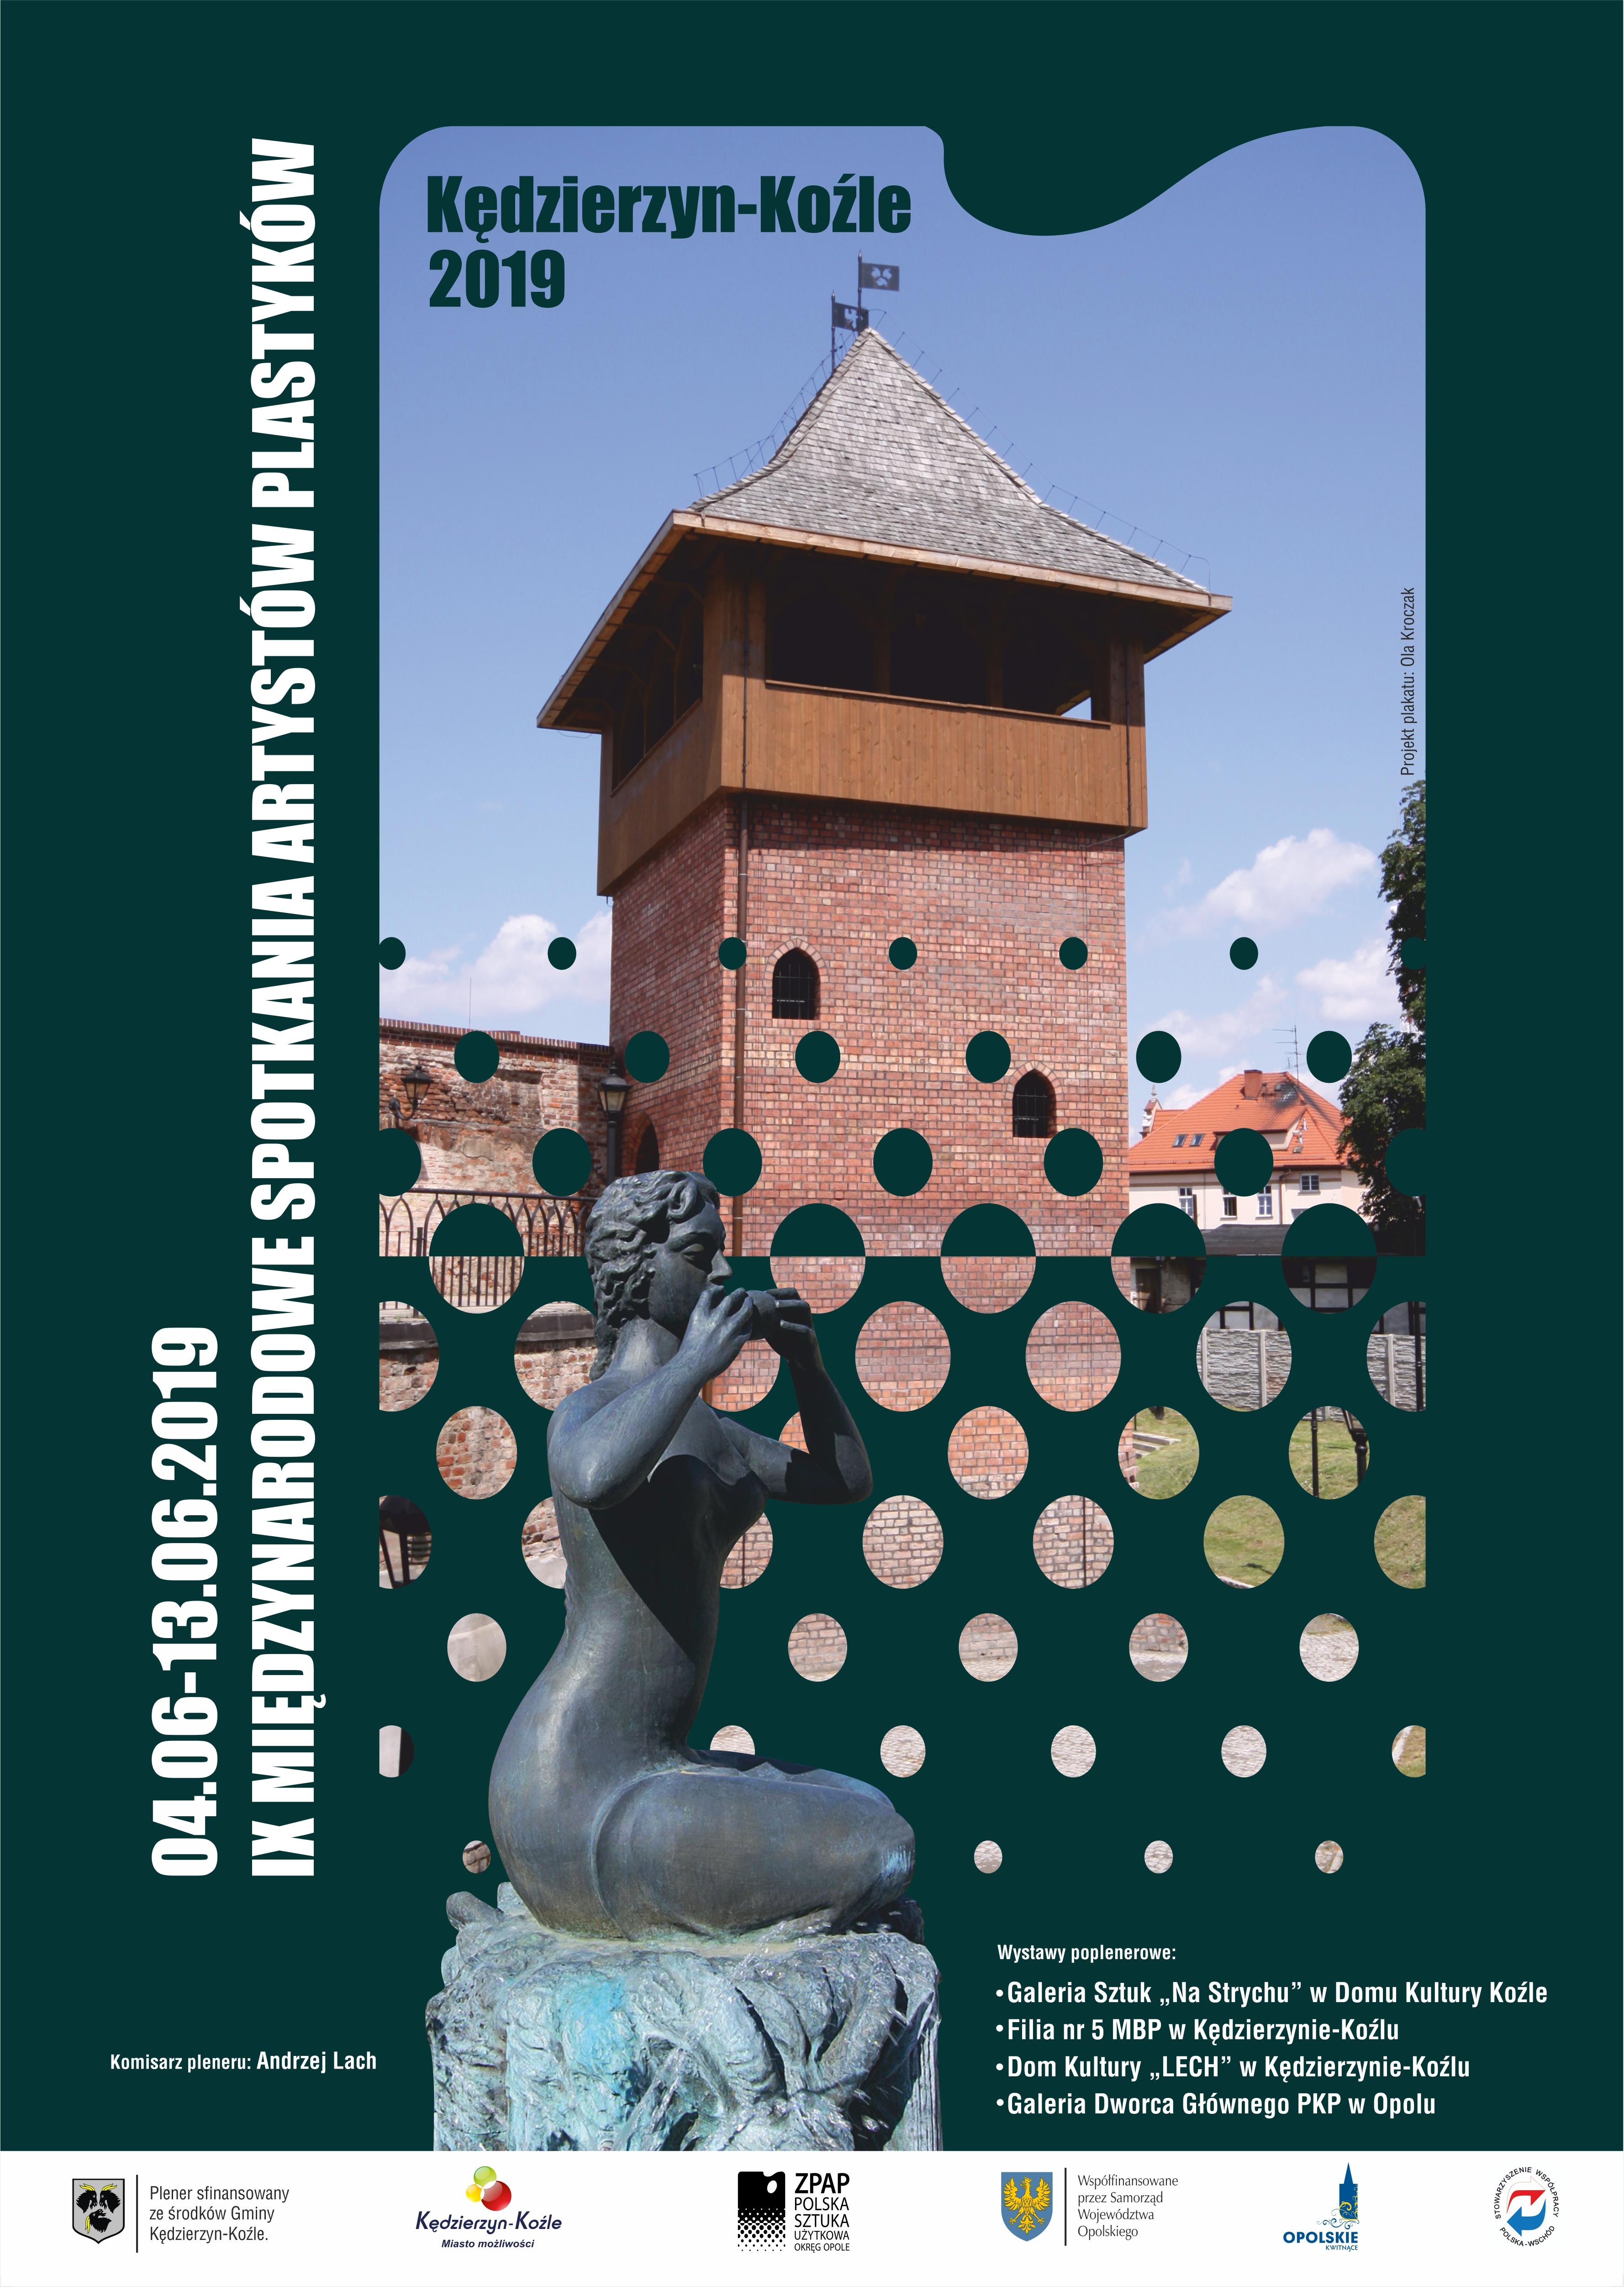 IX Międzynarodowe Spotkania Artystów Plastyków Kędzierzyn-Koźle 2019